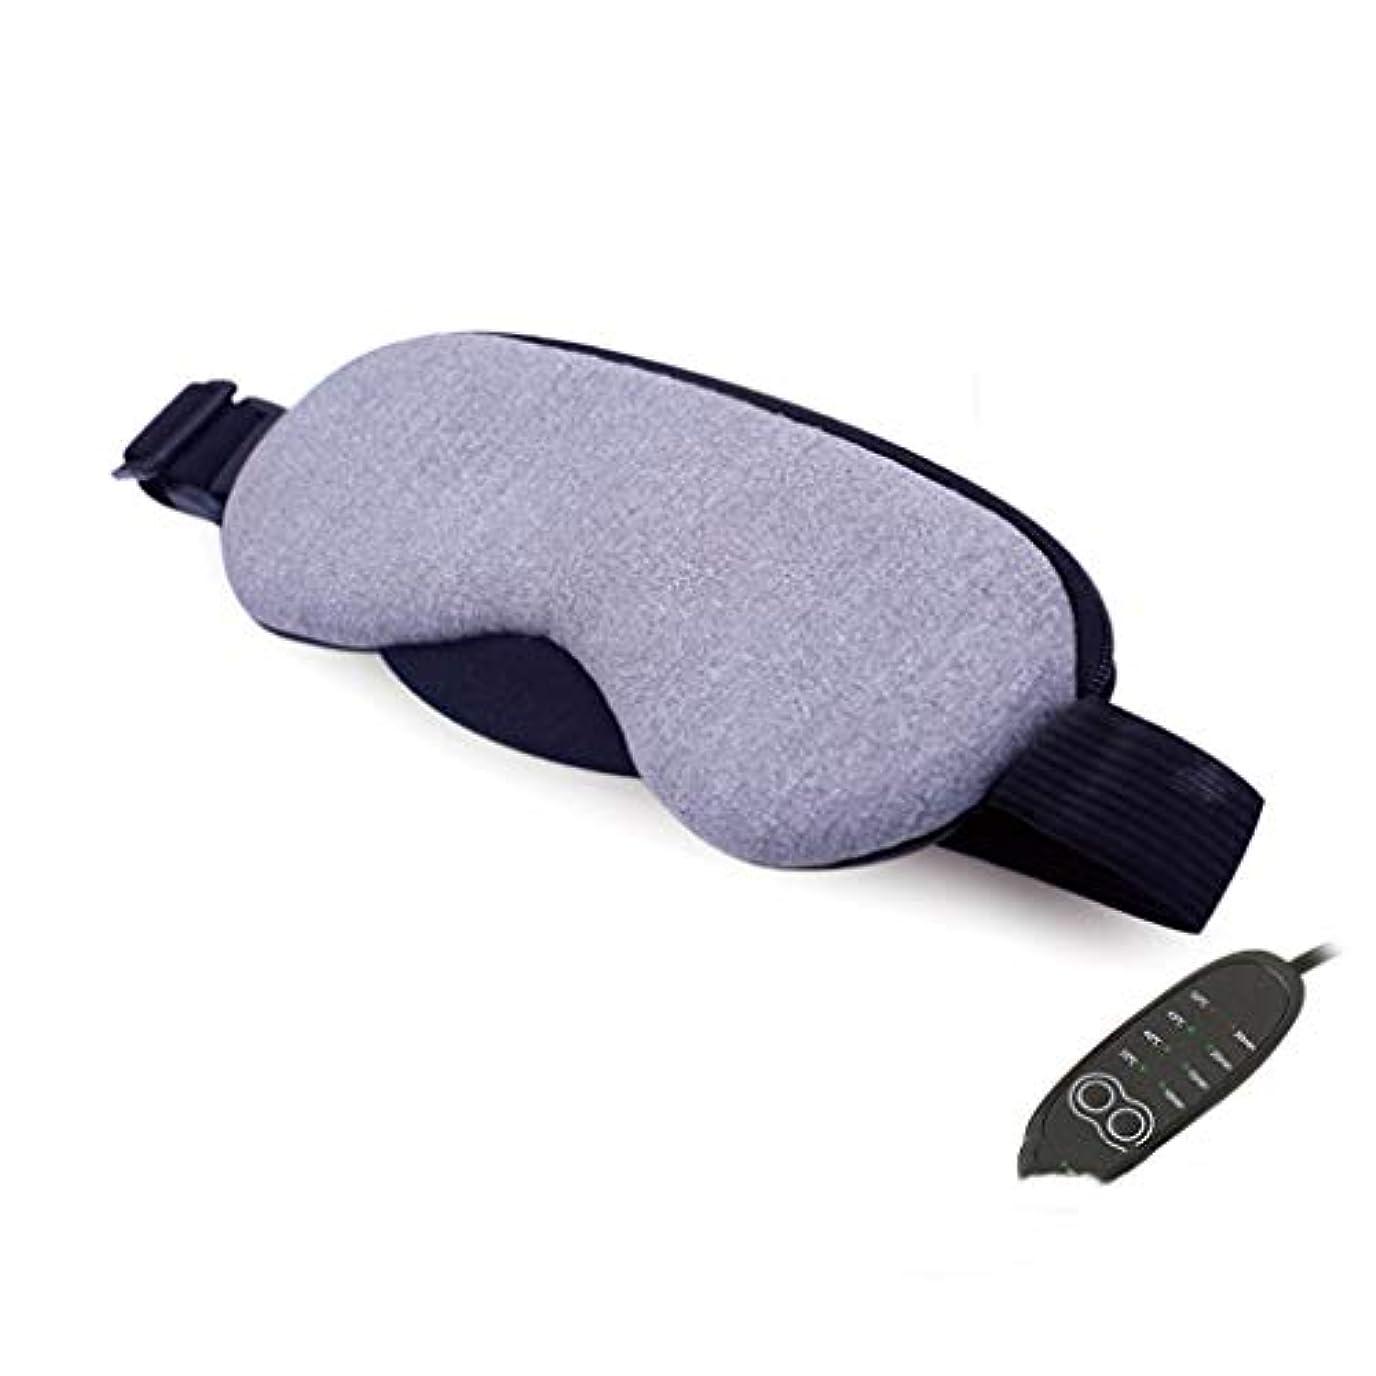 妨げる関数熱意加熱アイマッサージ - コットンアイマスク、暖かい夜のマッサージマスク、電気USB暖房パッド、調節可能な温度調節、眼瞼炎を和らげるように設計された、乾燥、ストレスのある、腫れぼったい目